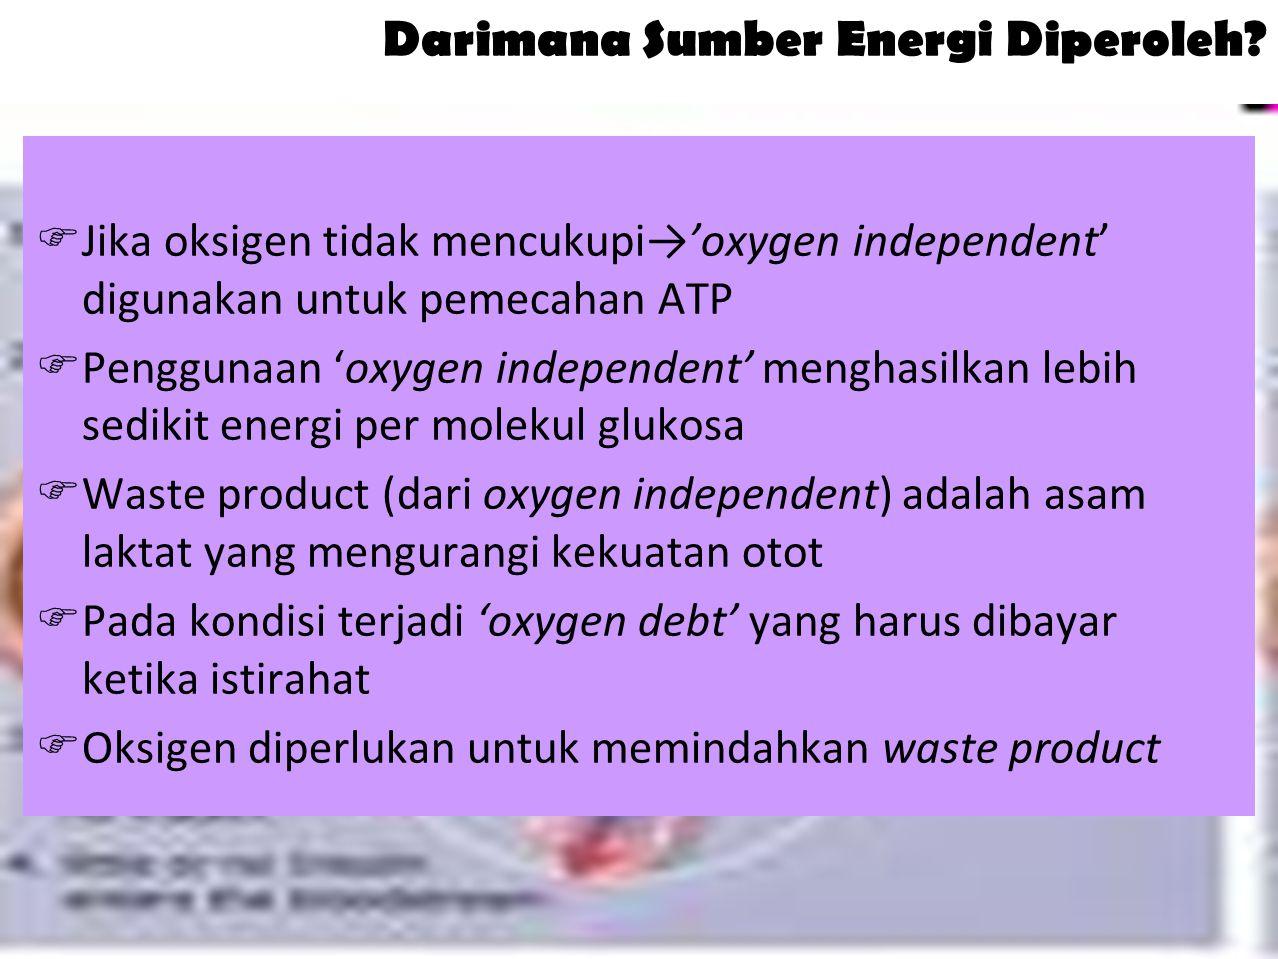 Darimana Sumber Energi Diperoleh